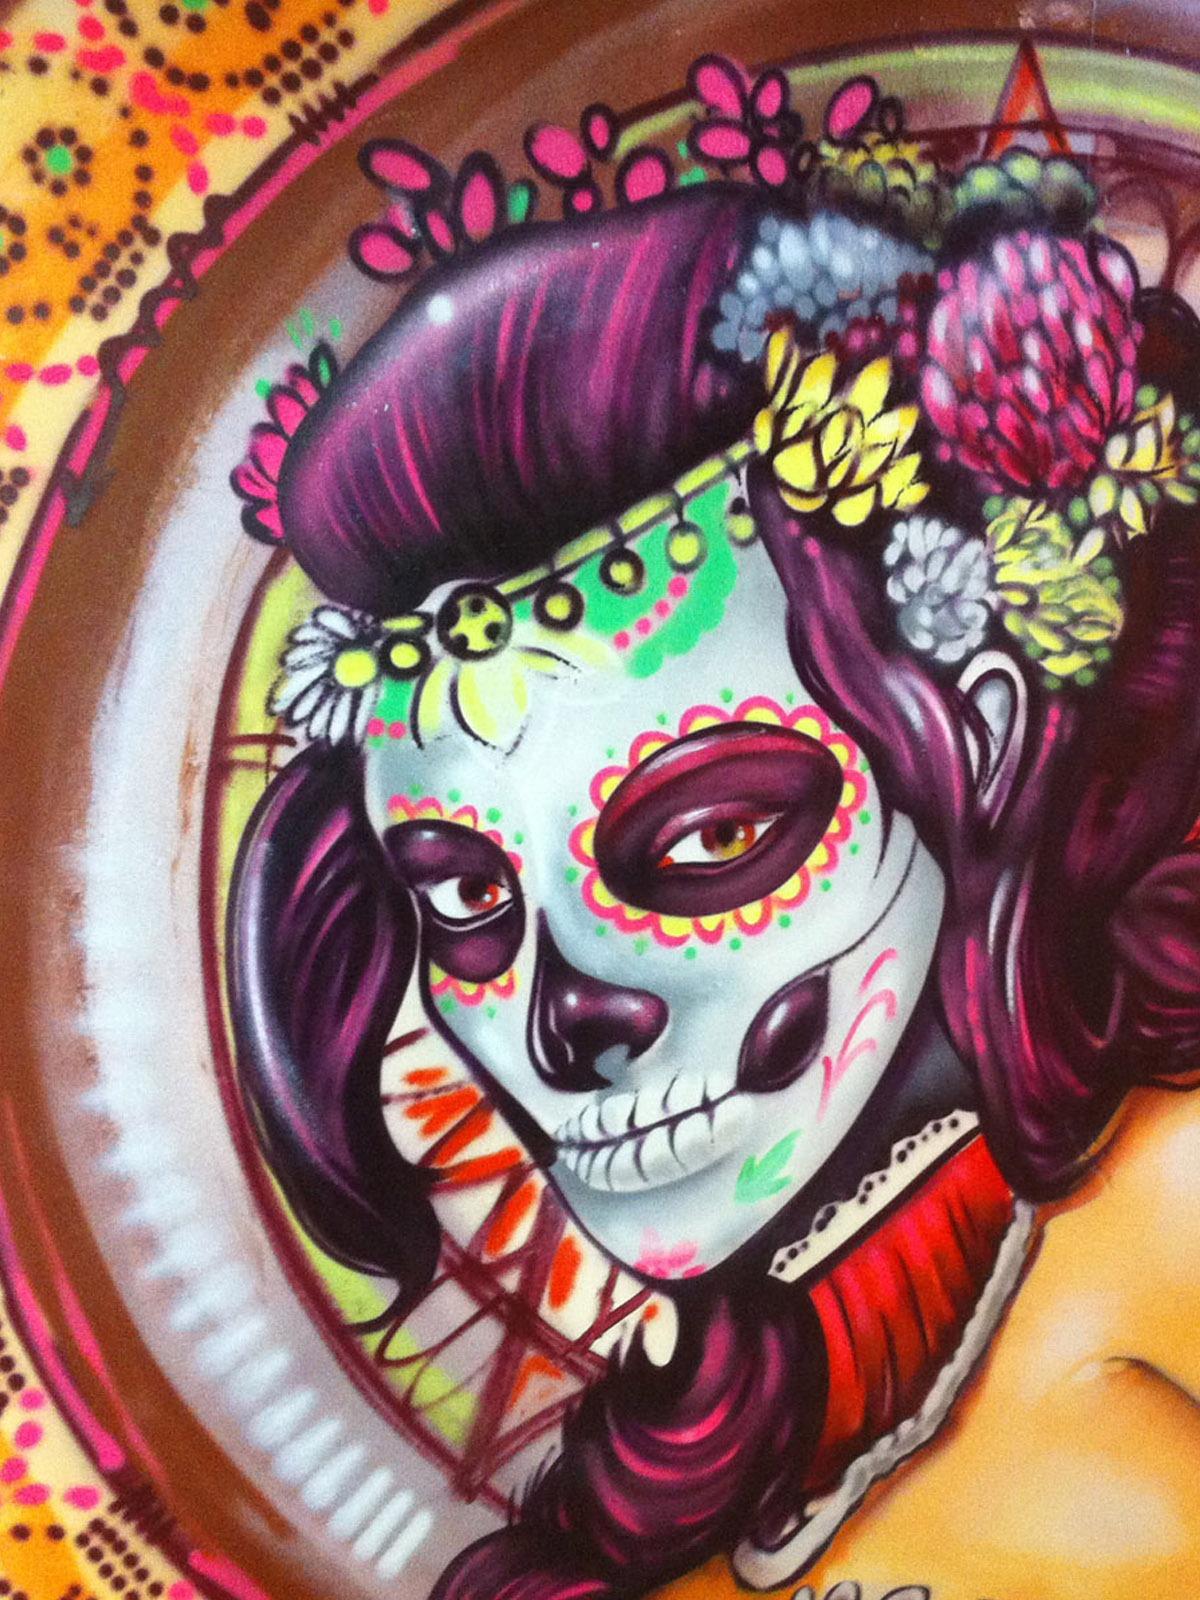 graffitiauftrag-graffitikuenstler-artmos4-cabana-menschen-abstrakt-bunt